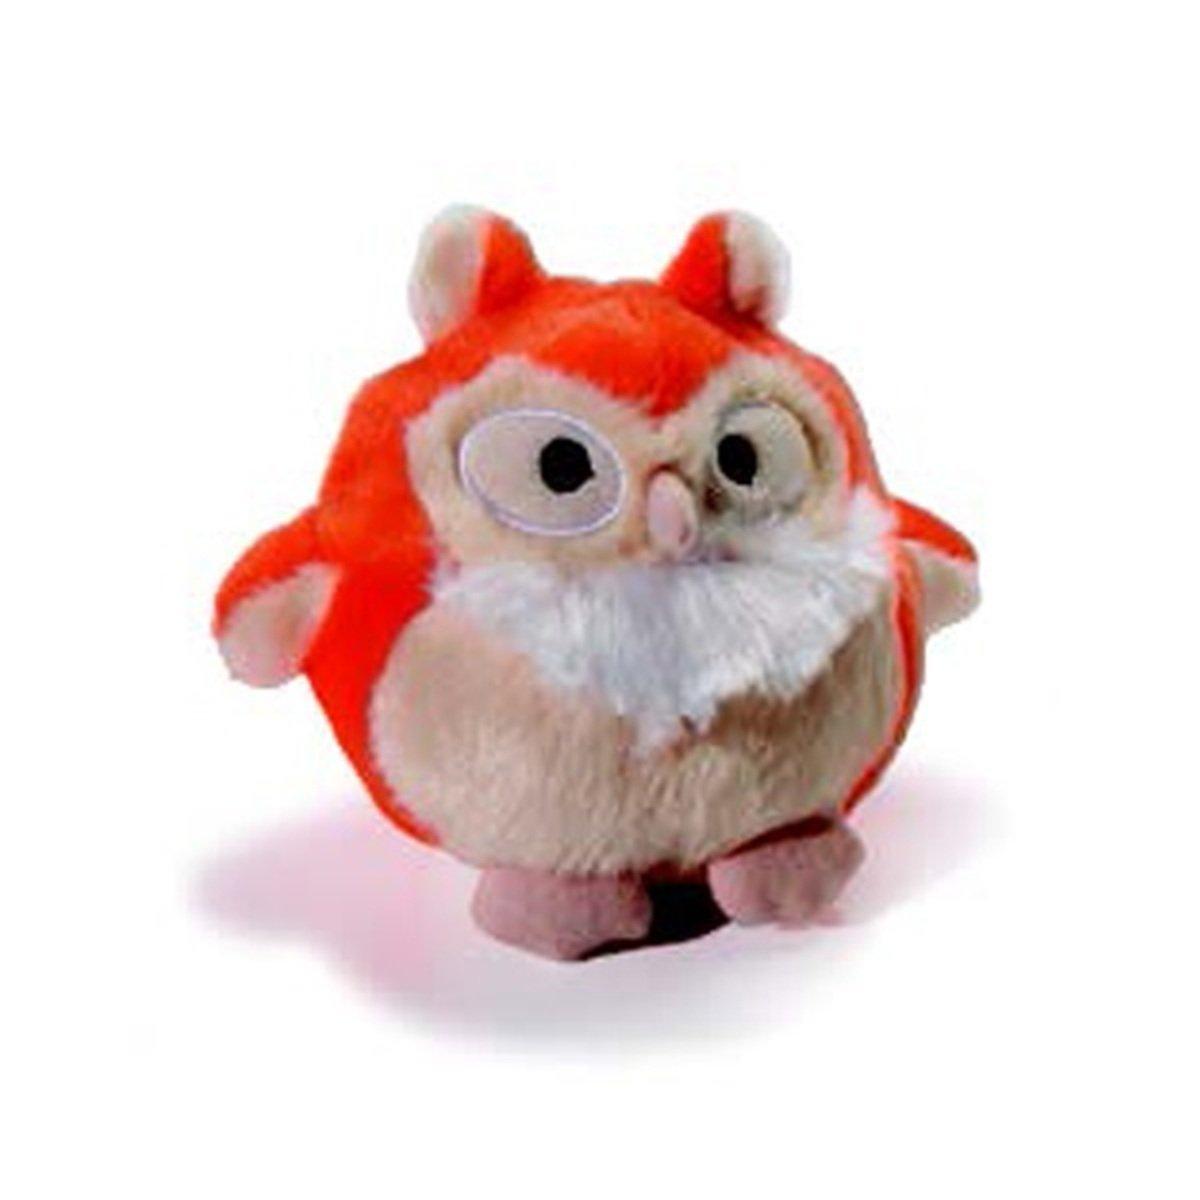 寵物貓頭鷹發聲玩具 - 橙色